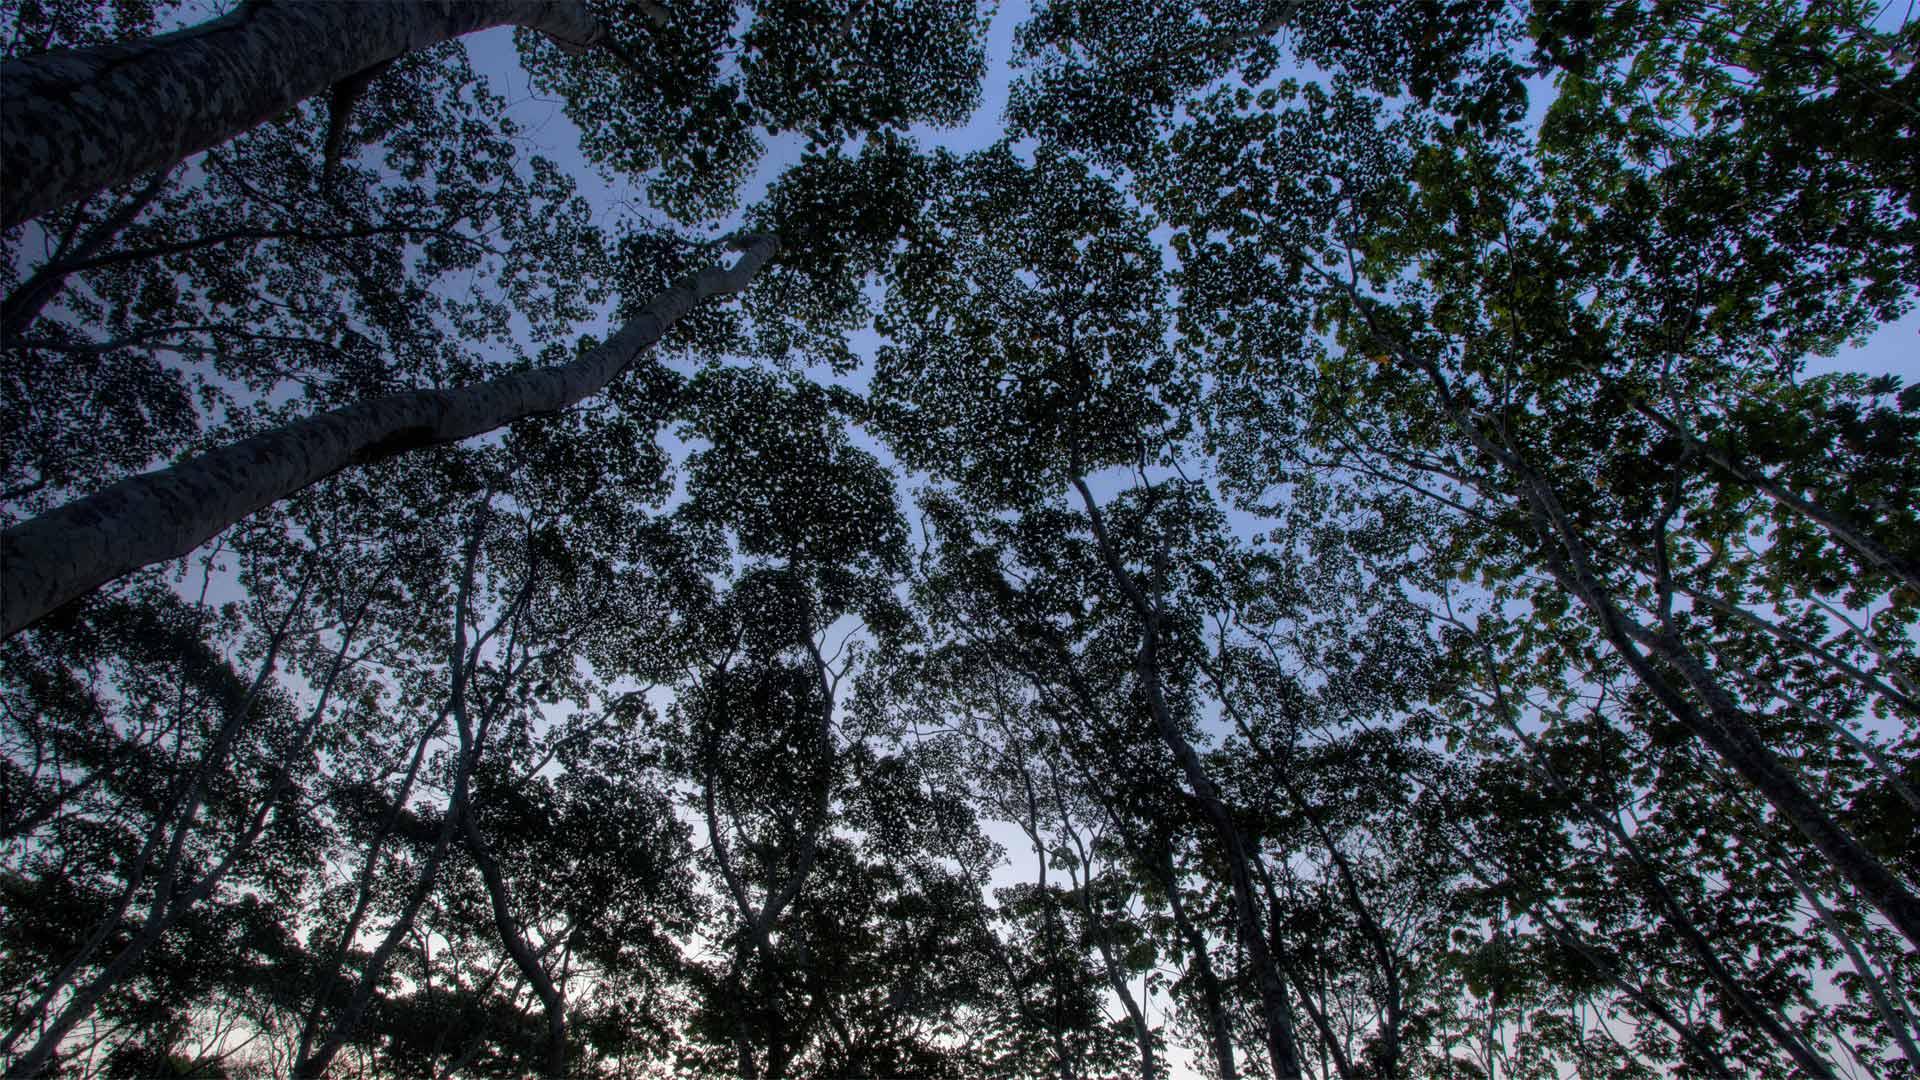 Les arbres de la Réserve nationale de Tambopata en Amazonie Péruvienne (© Patrick Brandenburg/Tandem Stills + Motion)